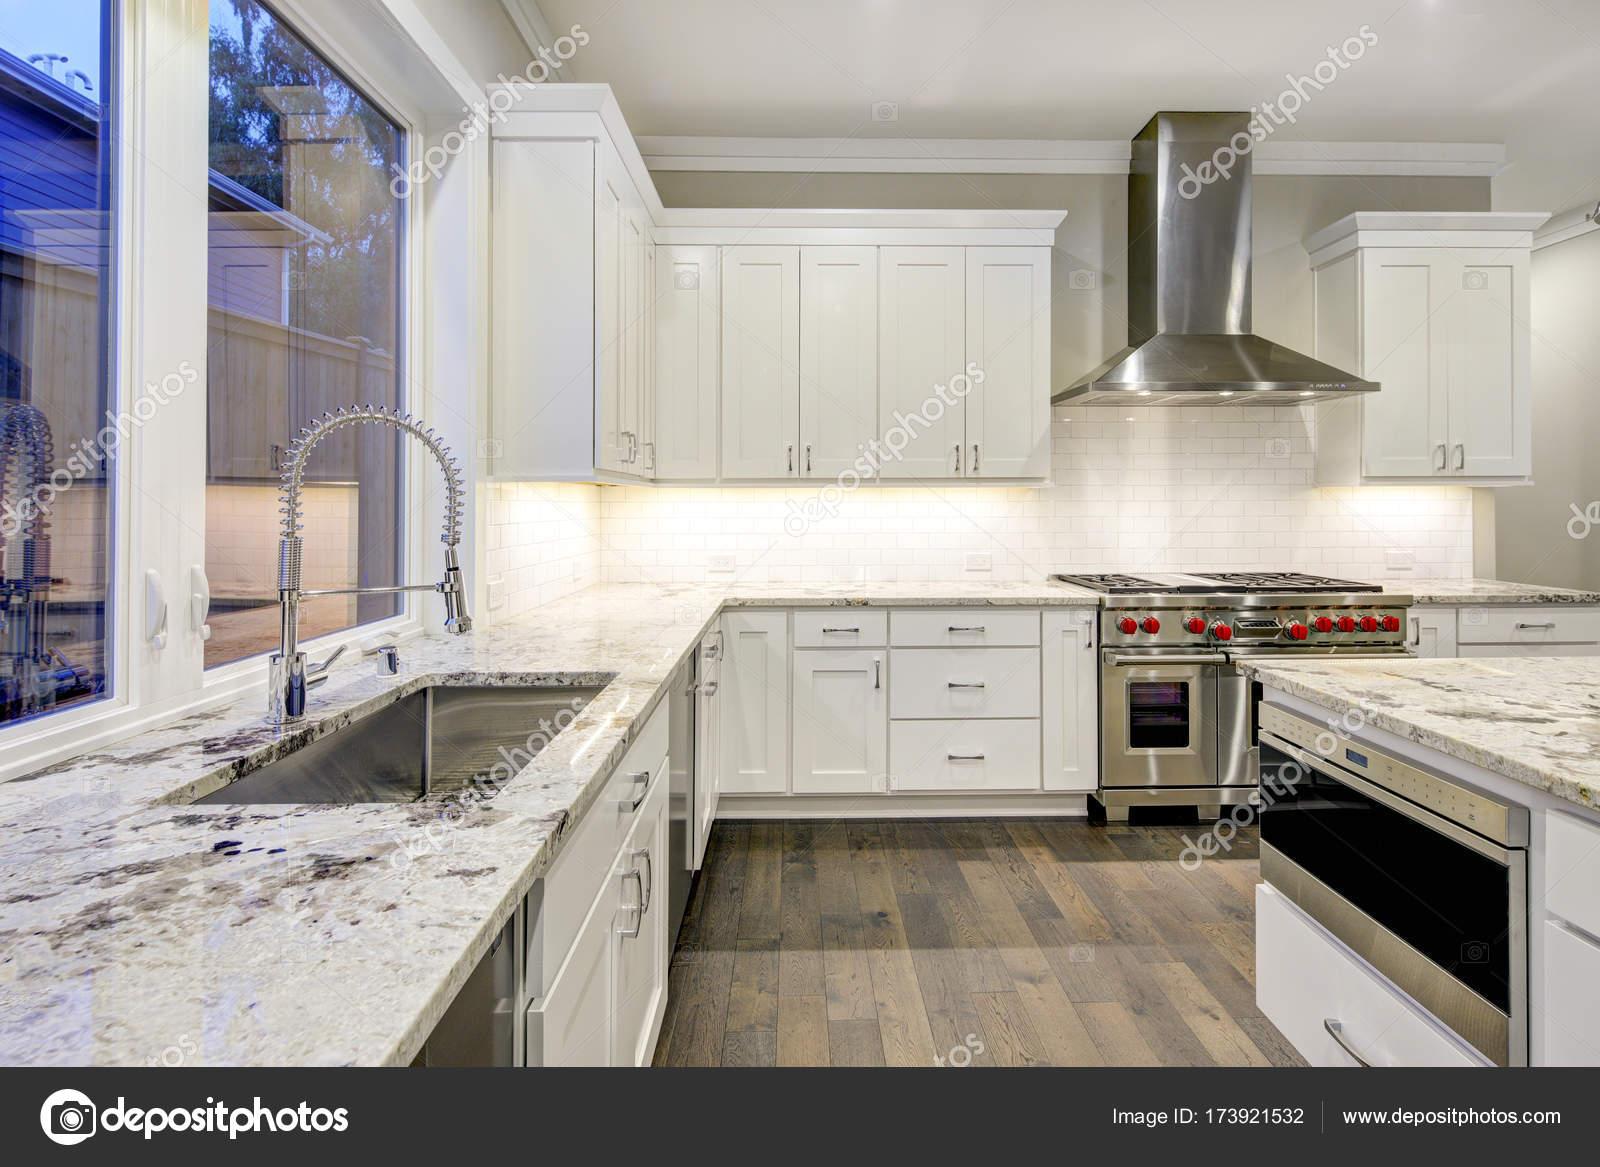 Disegno della cucina, ampie e spaziose con mobili da cucina bianchi ...